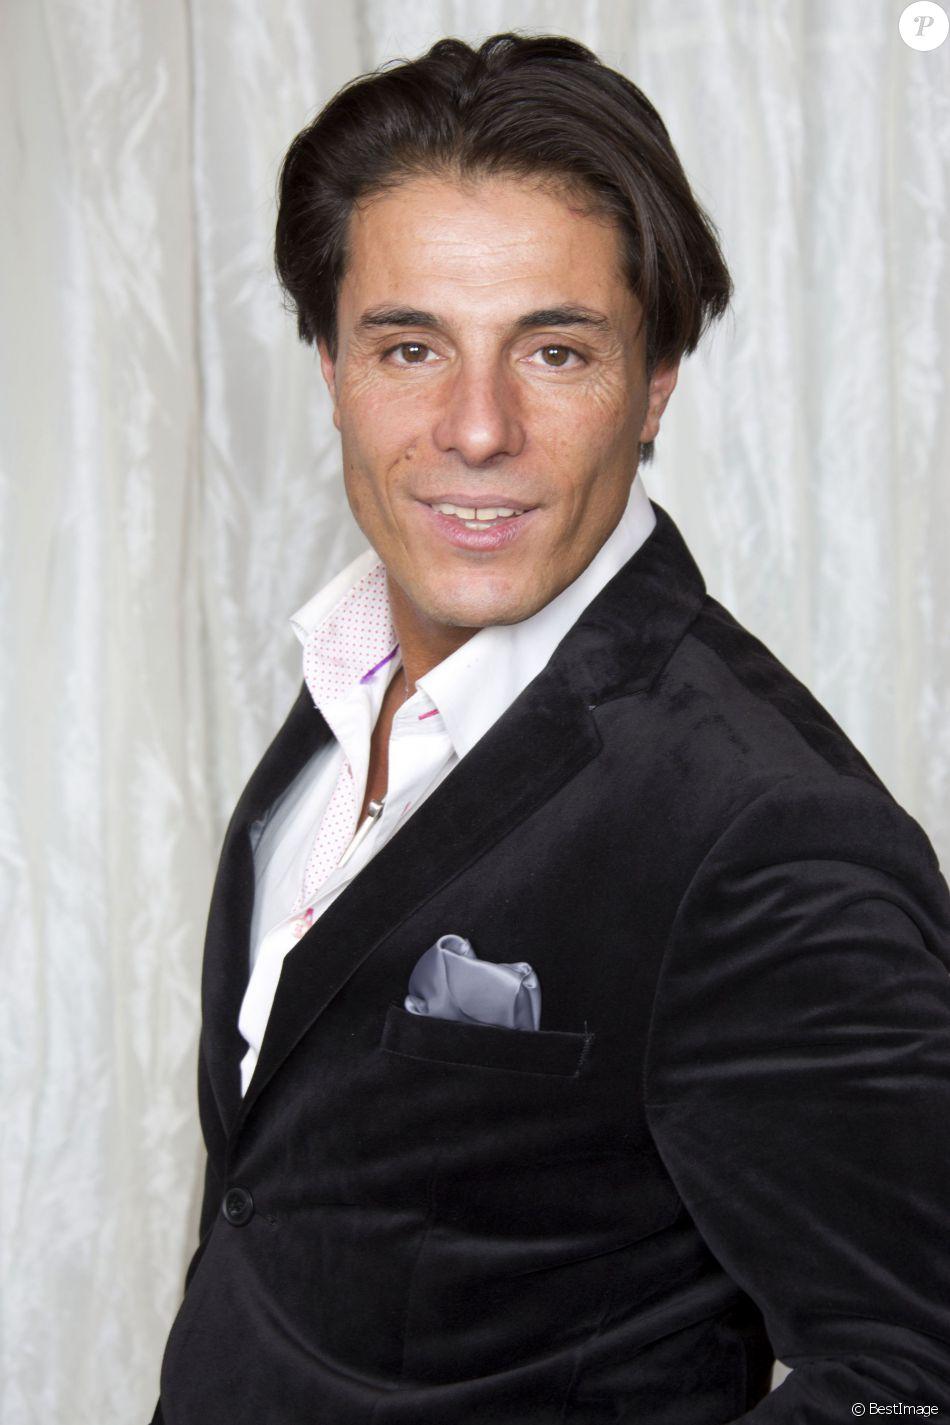 Exclusif - Giuseppe Polimeno, à Paris le 23 décembre 2013.